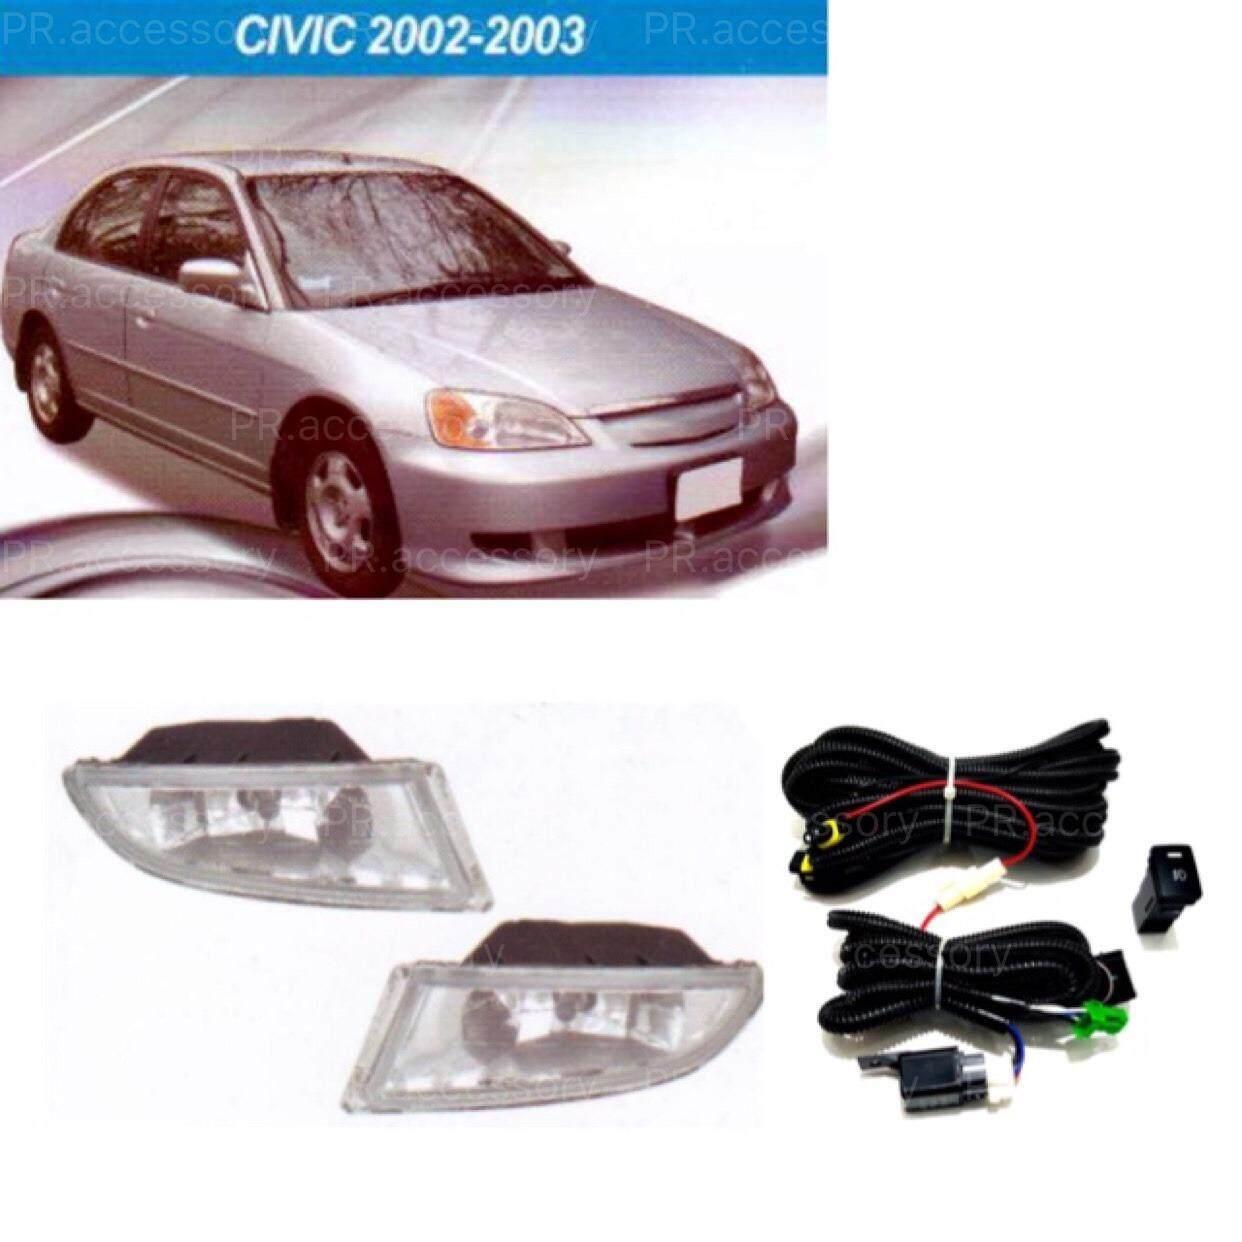 ส่วนลด สินค้า ไฟตัดหมอก ไฟสปอร์ตไลท์ Honda Civic 2002 2003